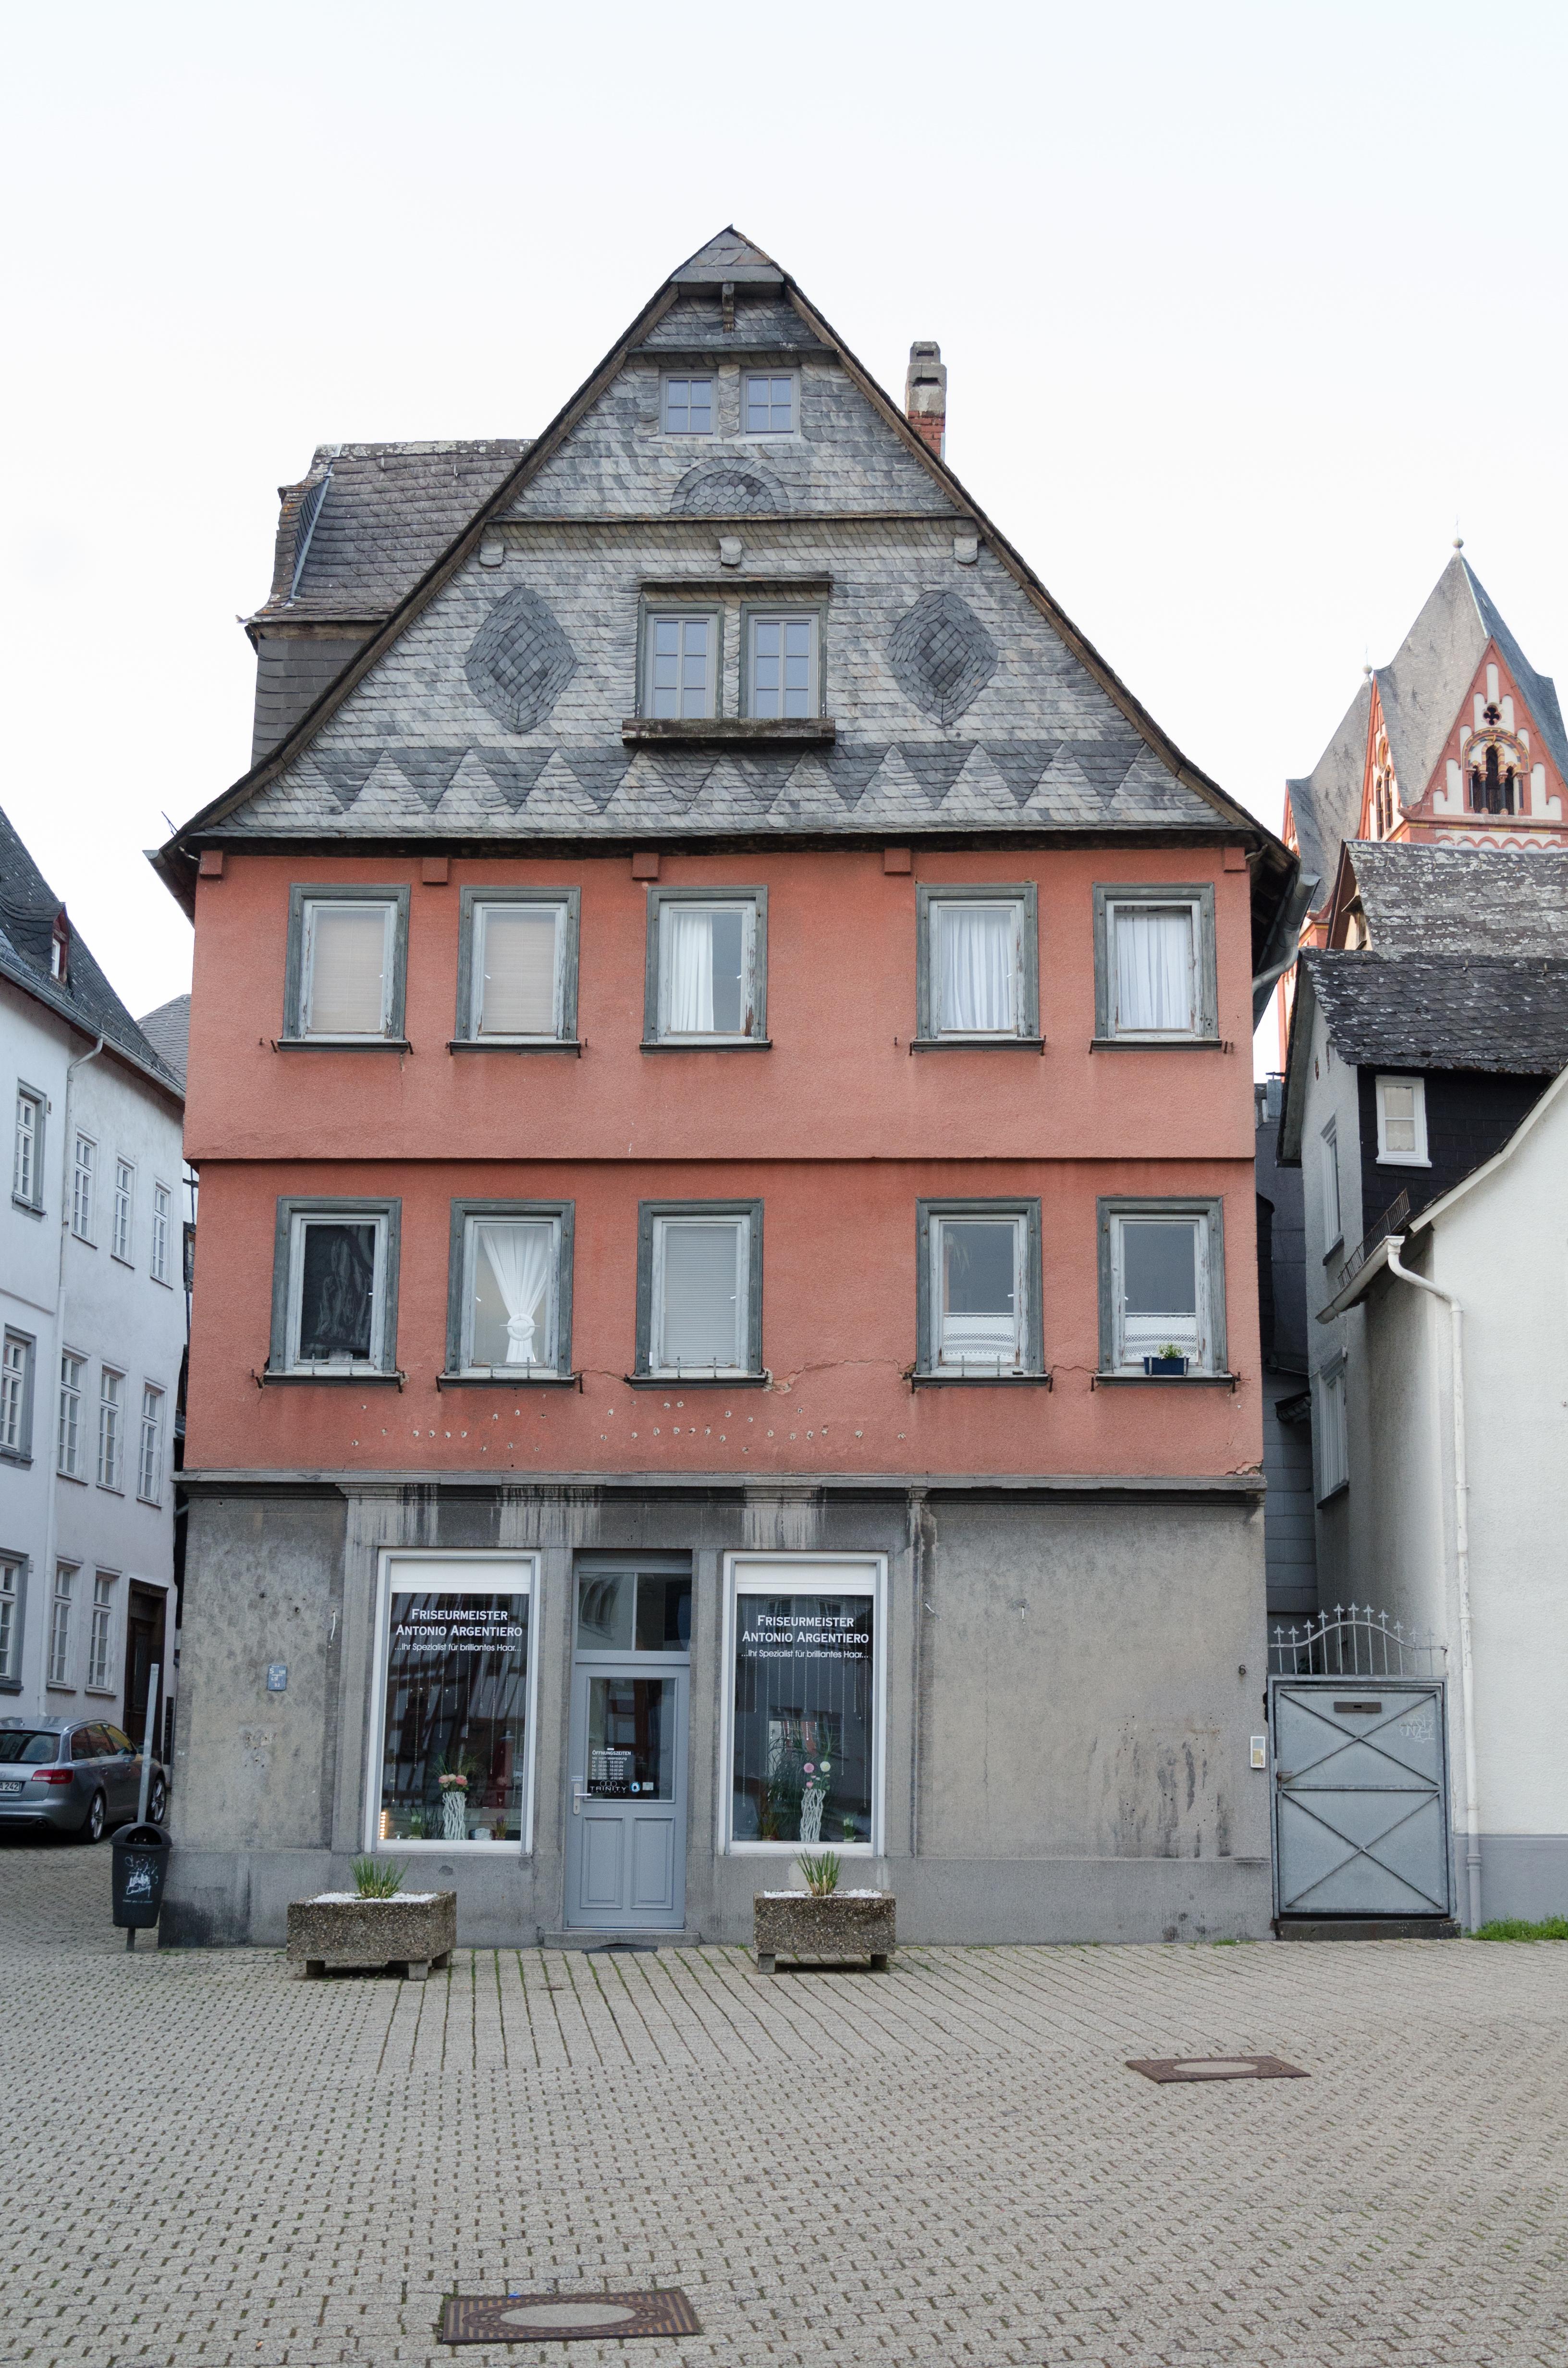 File:Limburg an der Lahn, Bischofsplatz 6, 001.jpg